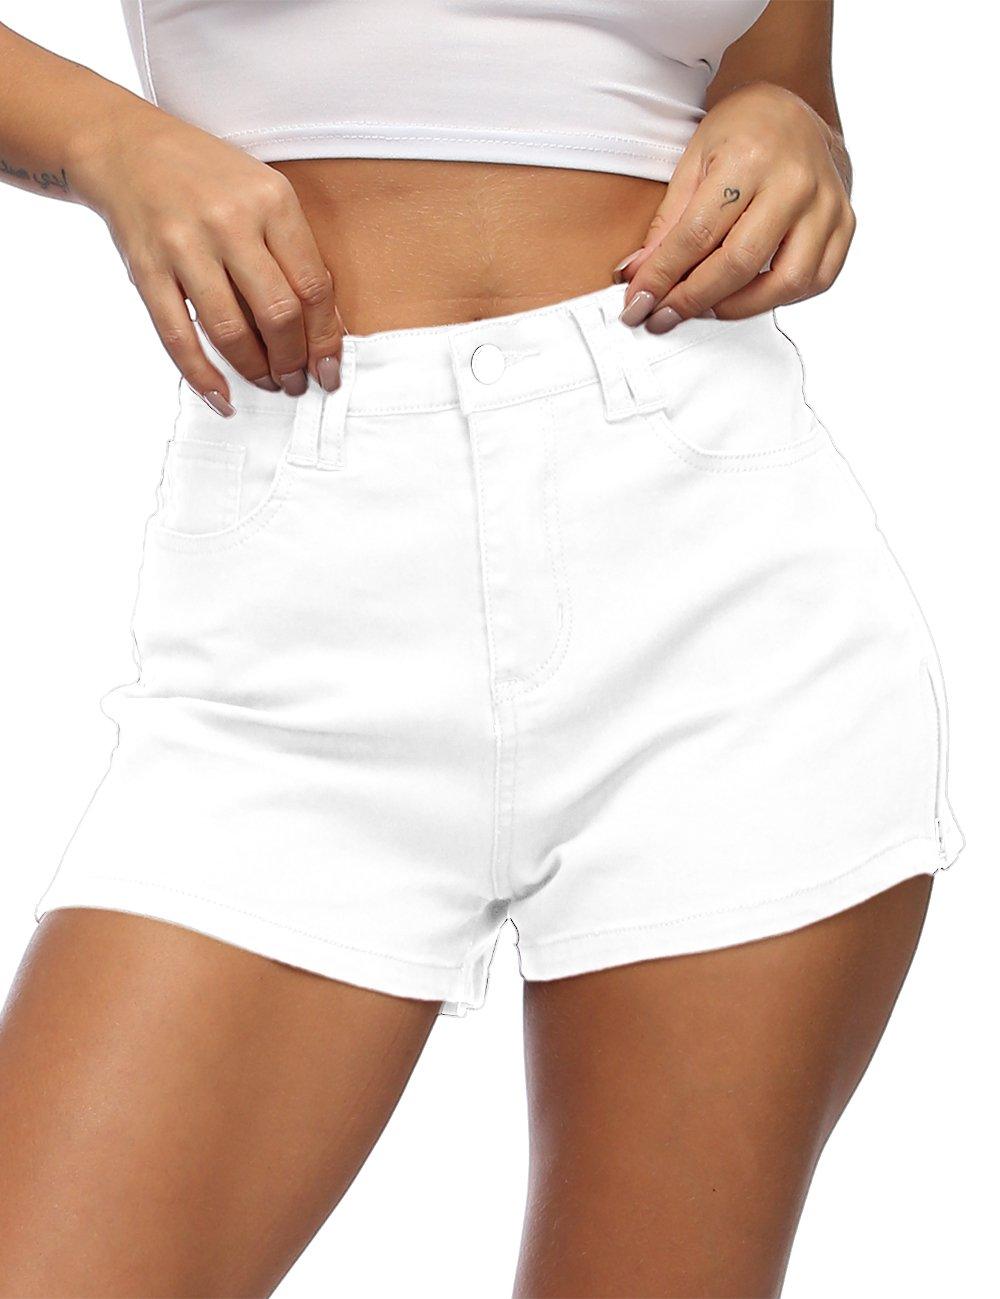 Cuihur Women's Juniors Casual Shorts Fashion Zipper High Waist Denim Jeans Shorts M White